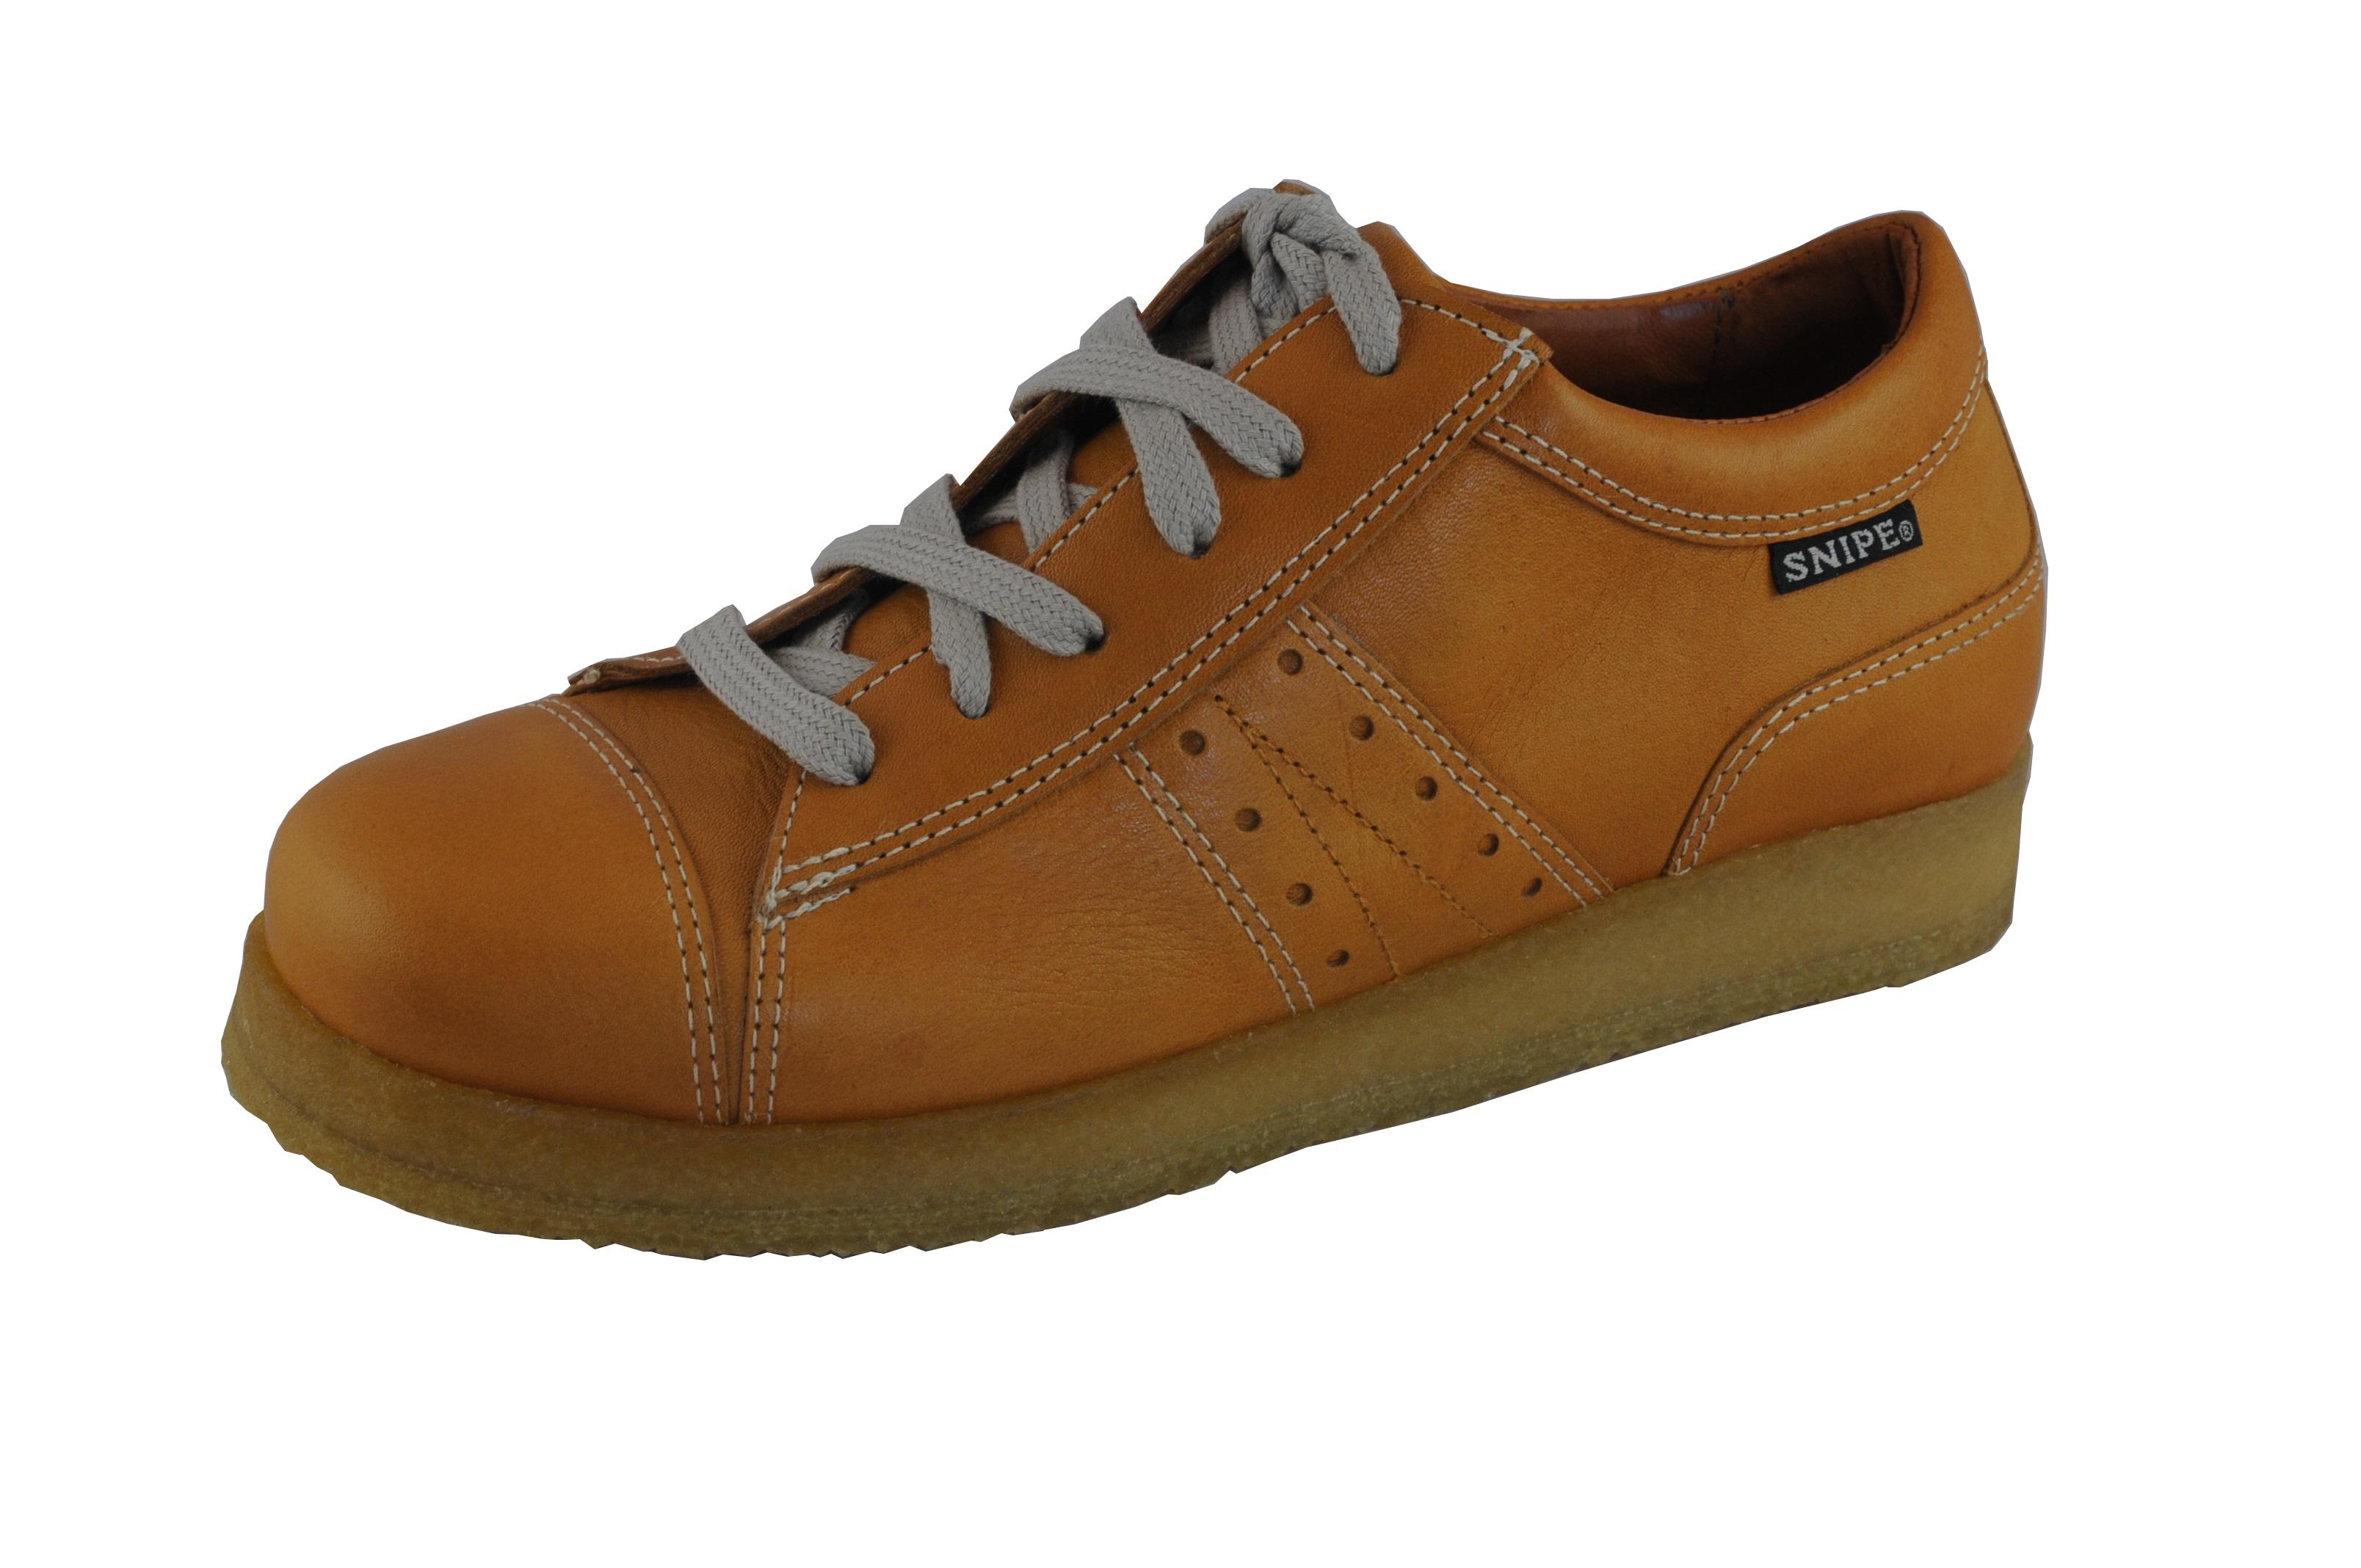 Schuh Ober Snipe Schuhe online kaufen VERSANDKOSTENFREI